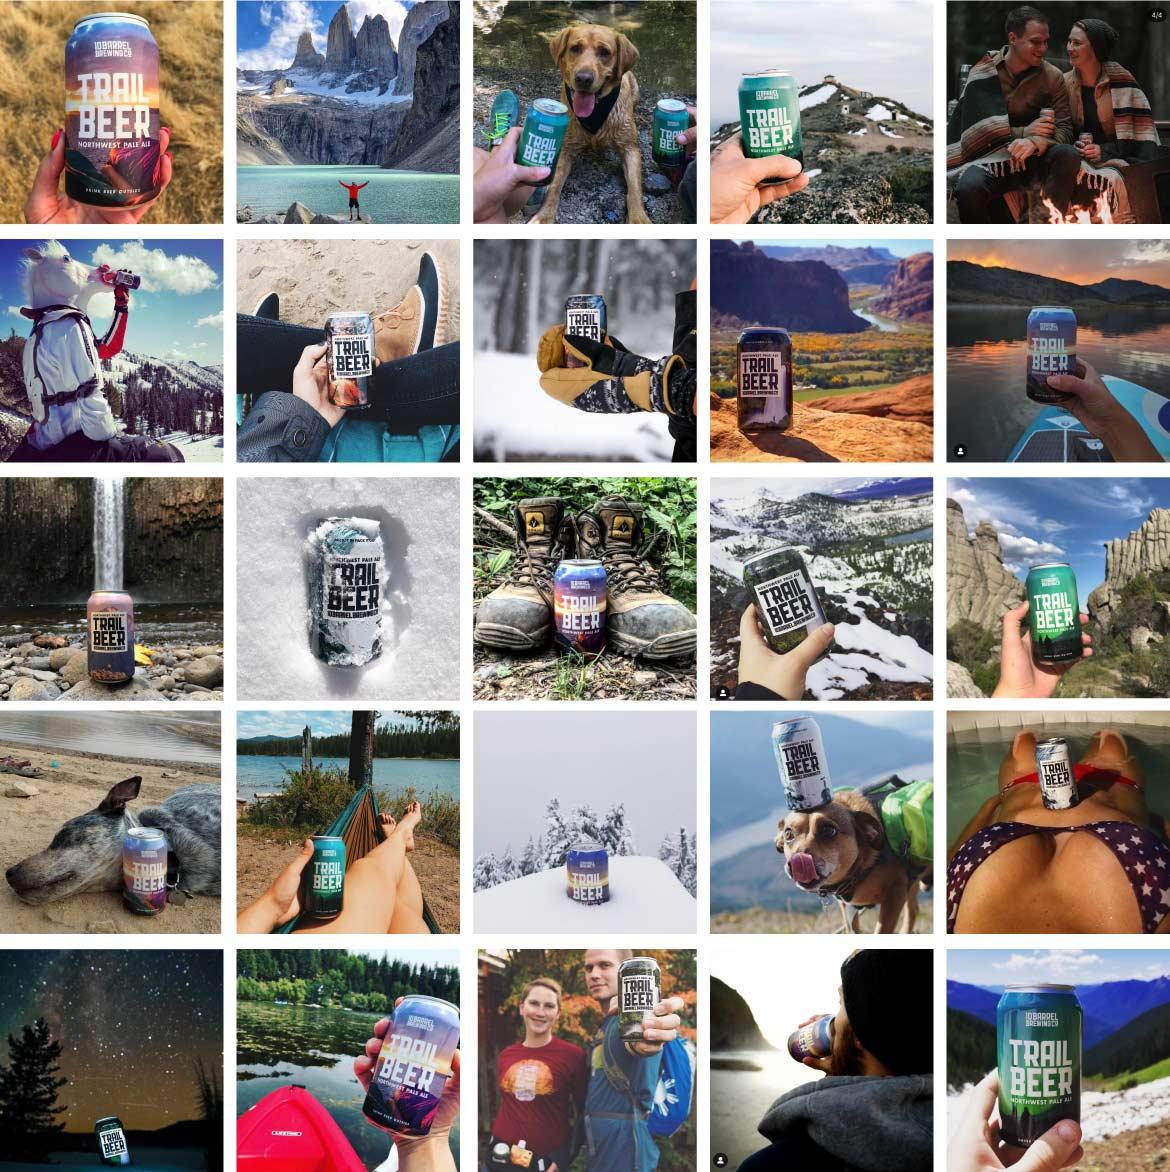 TrailBeer_WebImages_7.jpg